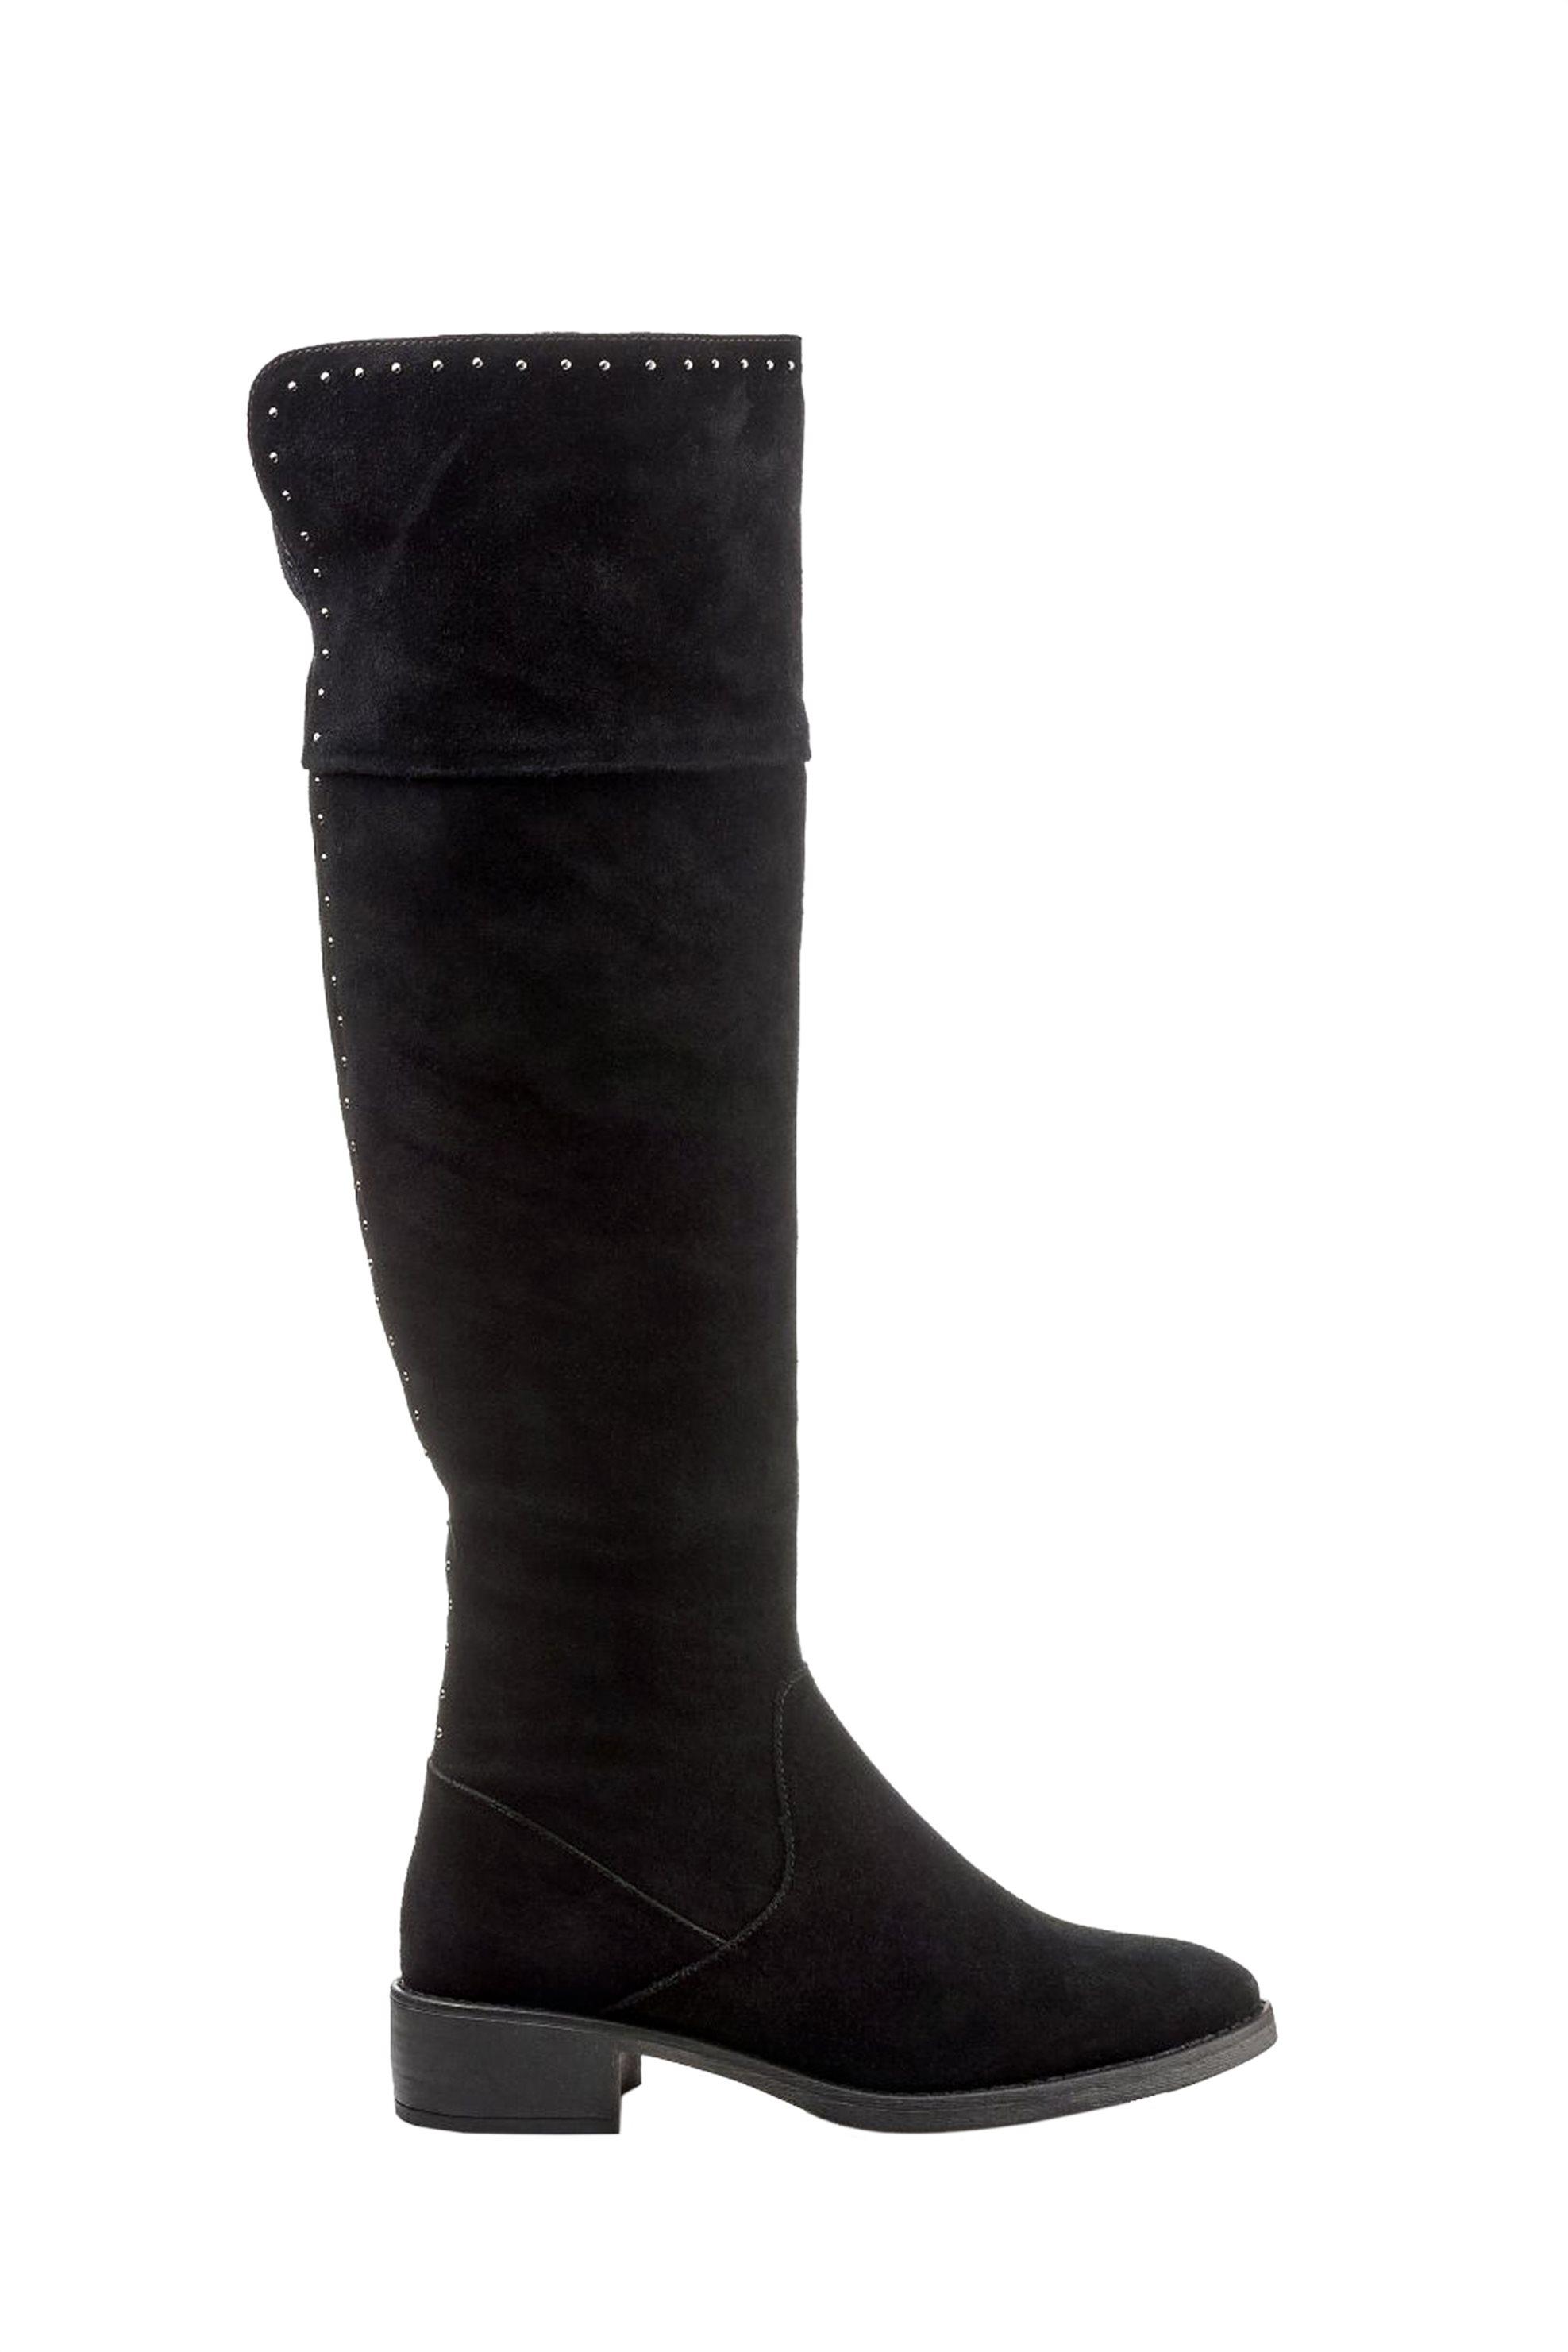 ΝΑΚ γυναικείες μπότες suede με μεταλλικές λεπτομέρειες – 218969-66392 – Μαύρο